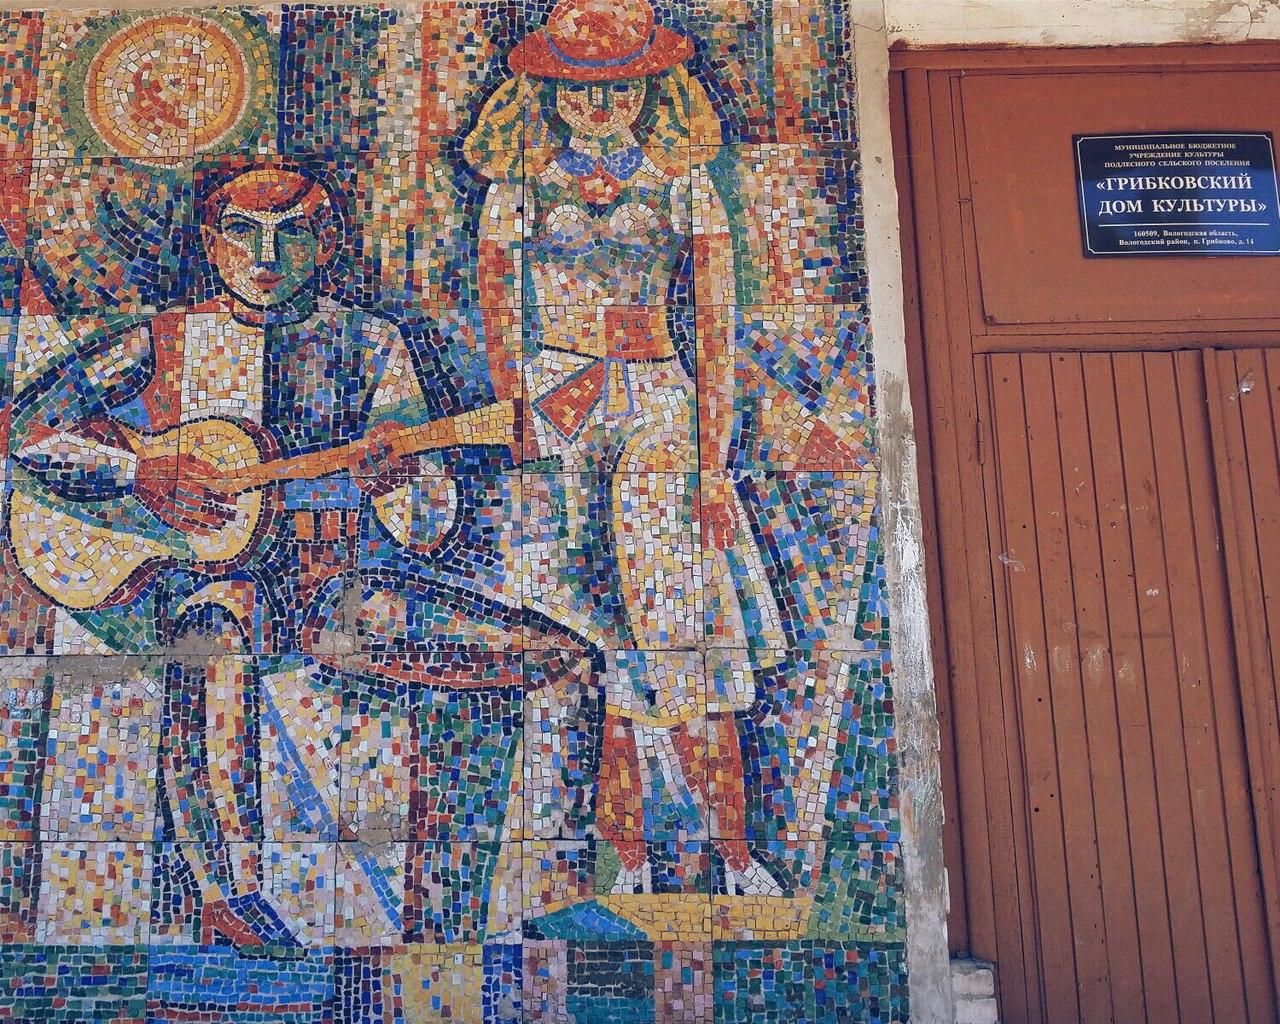 Вологодскую мозаику покажут в « Красном углу»